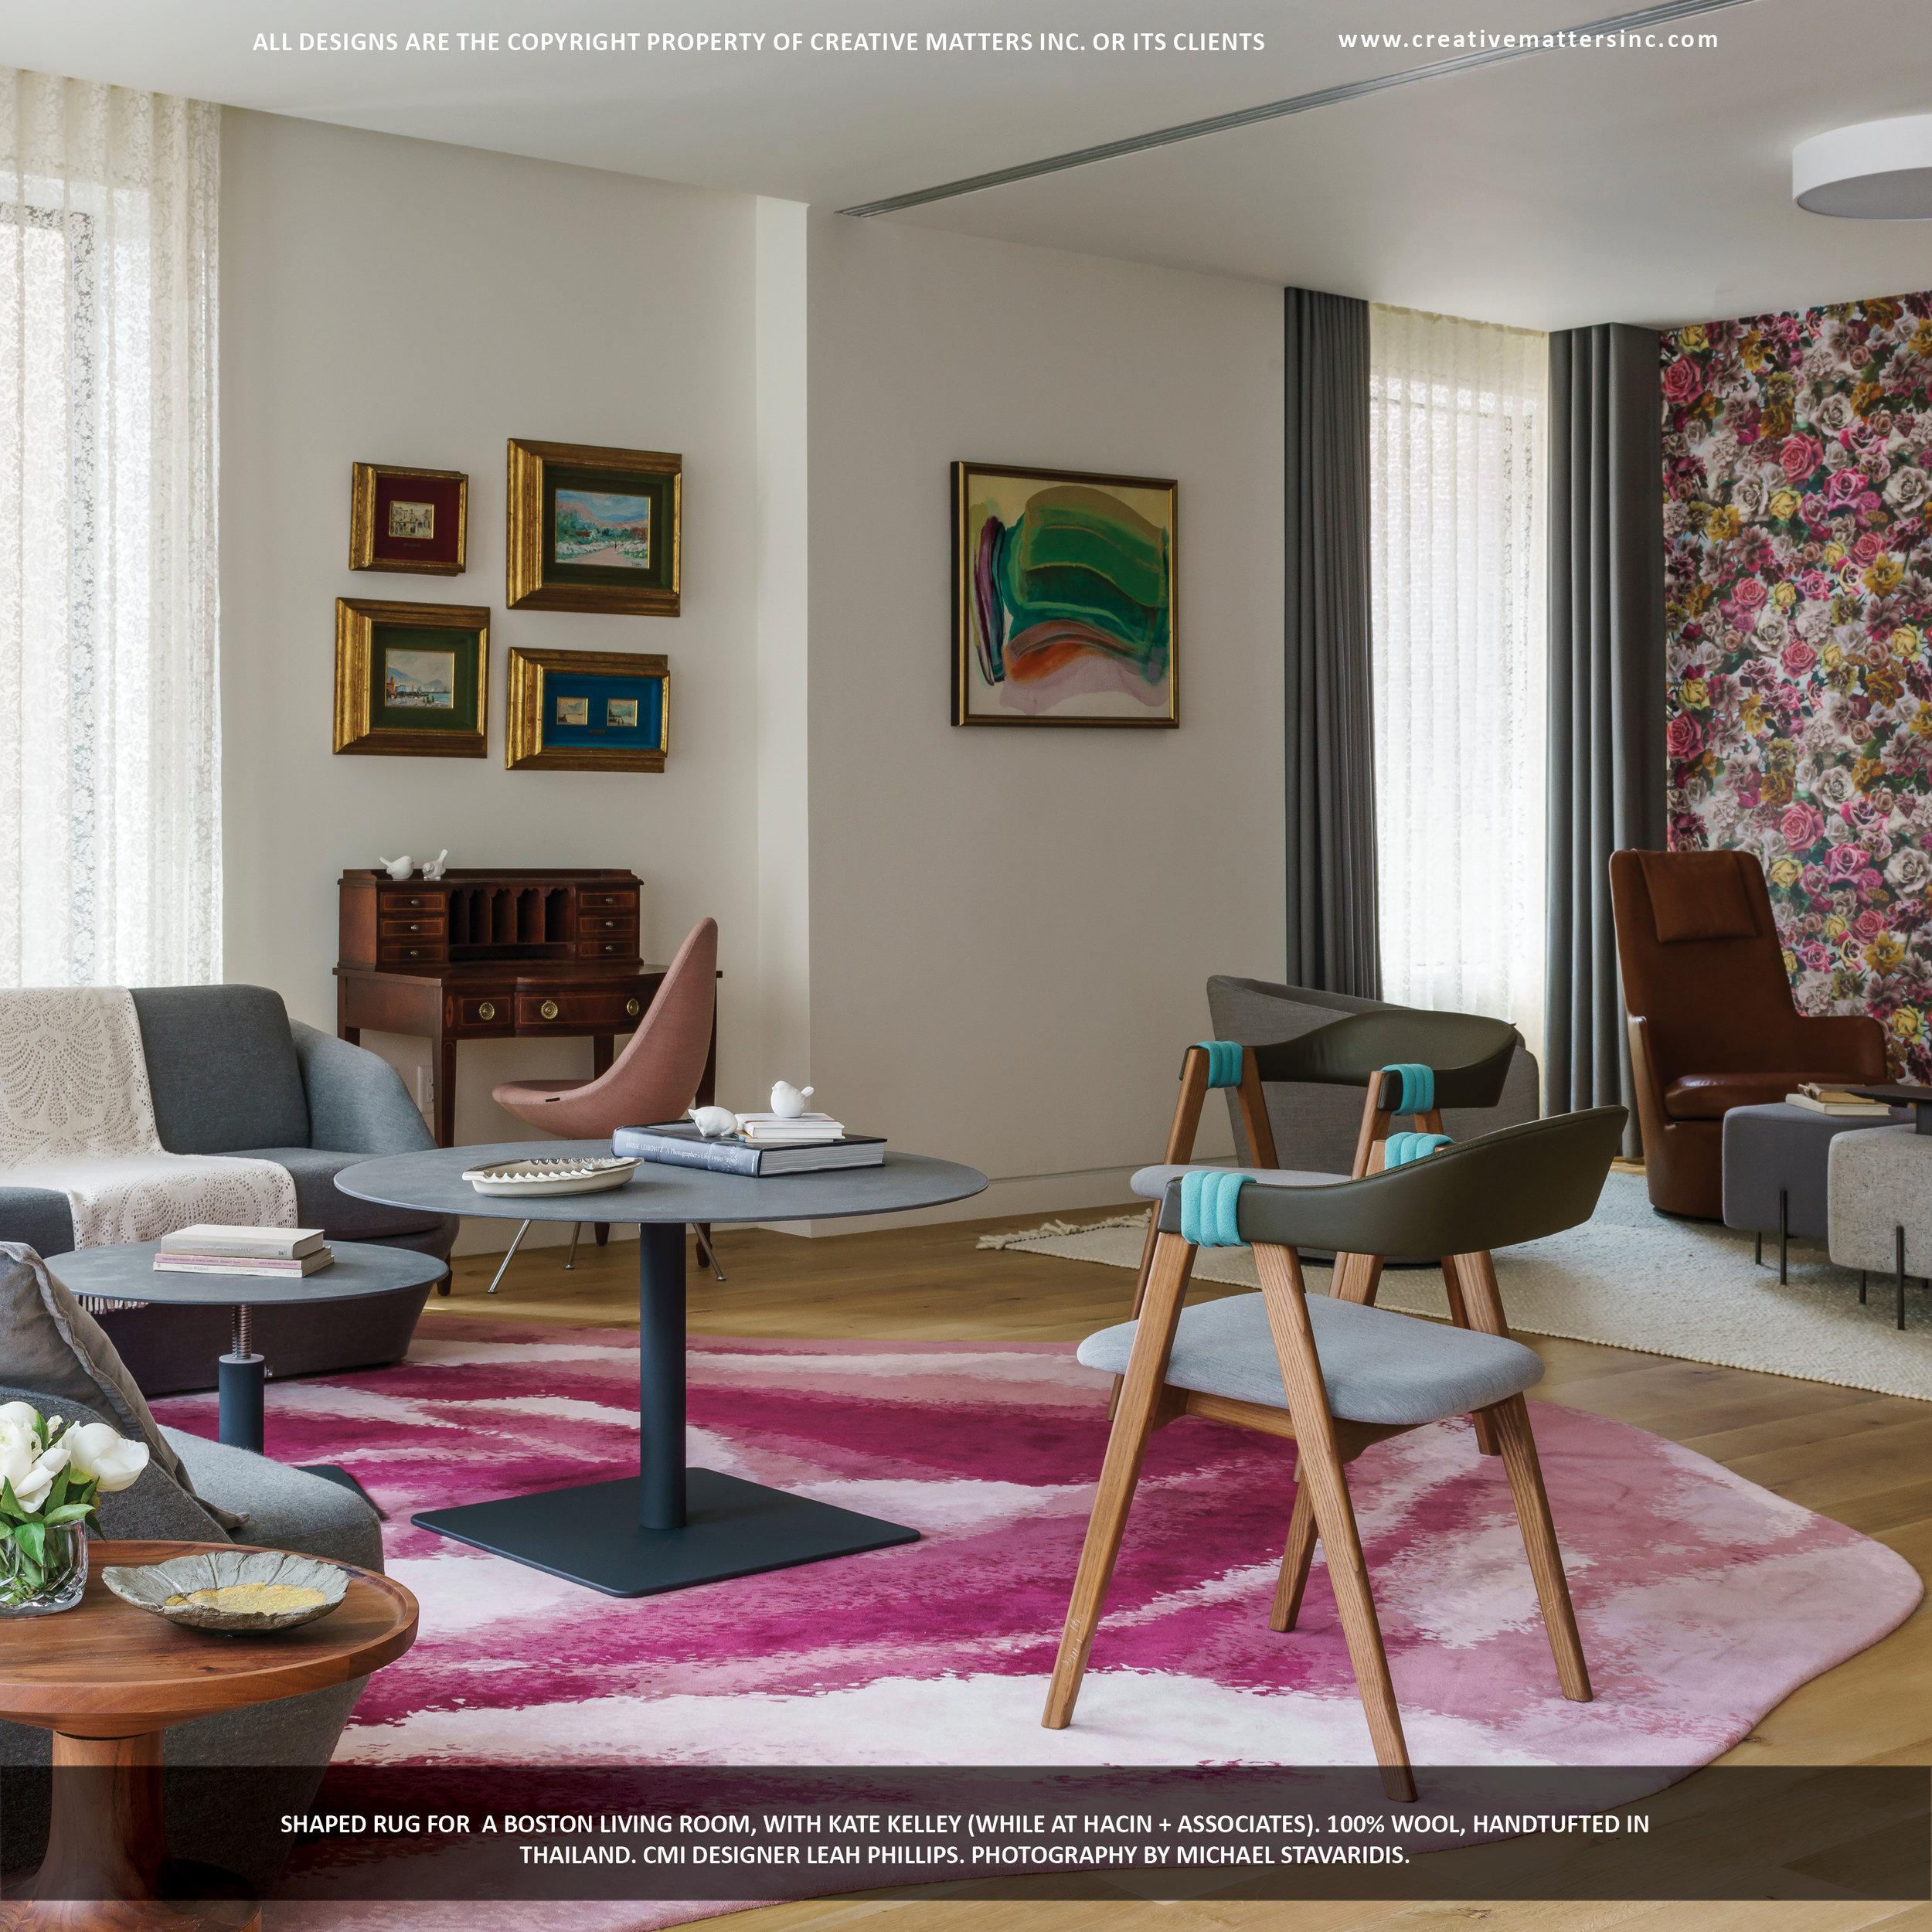 Boston_Living_Room.jpg